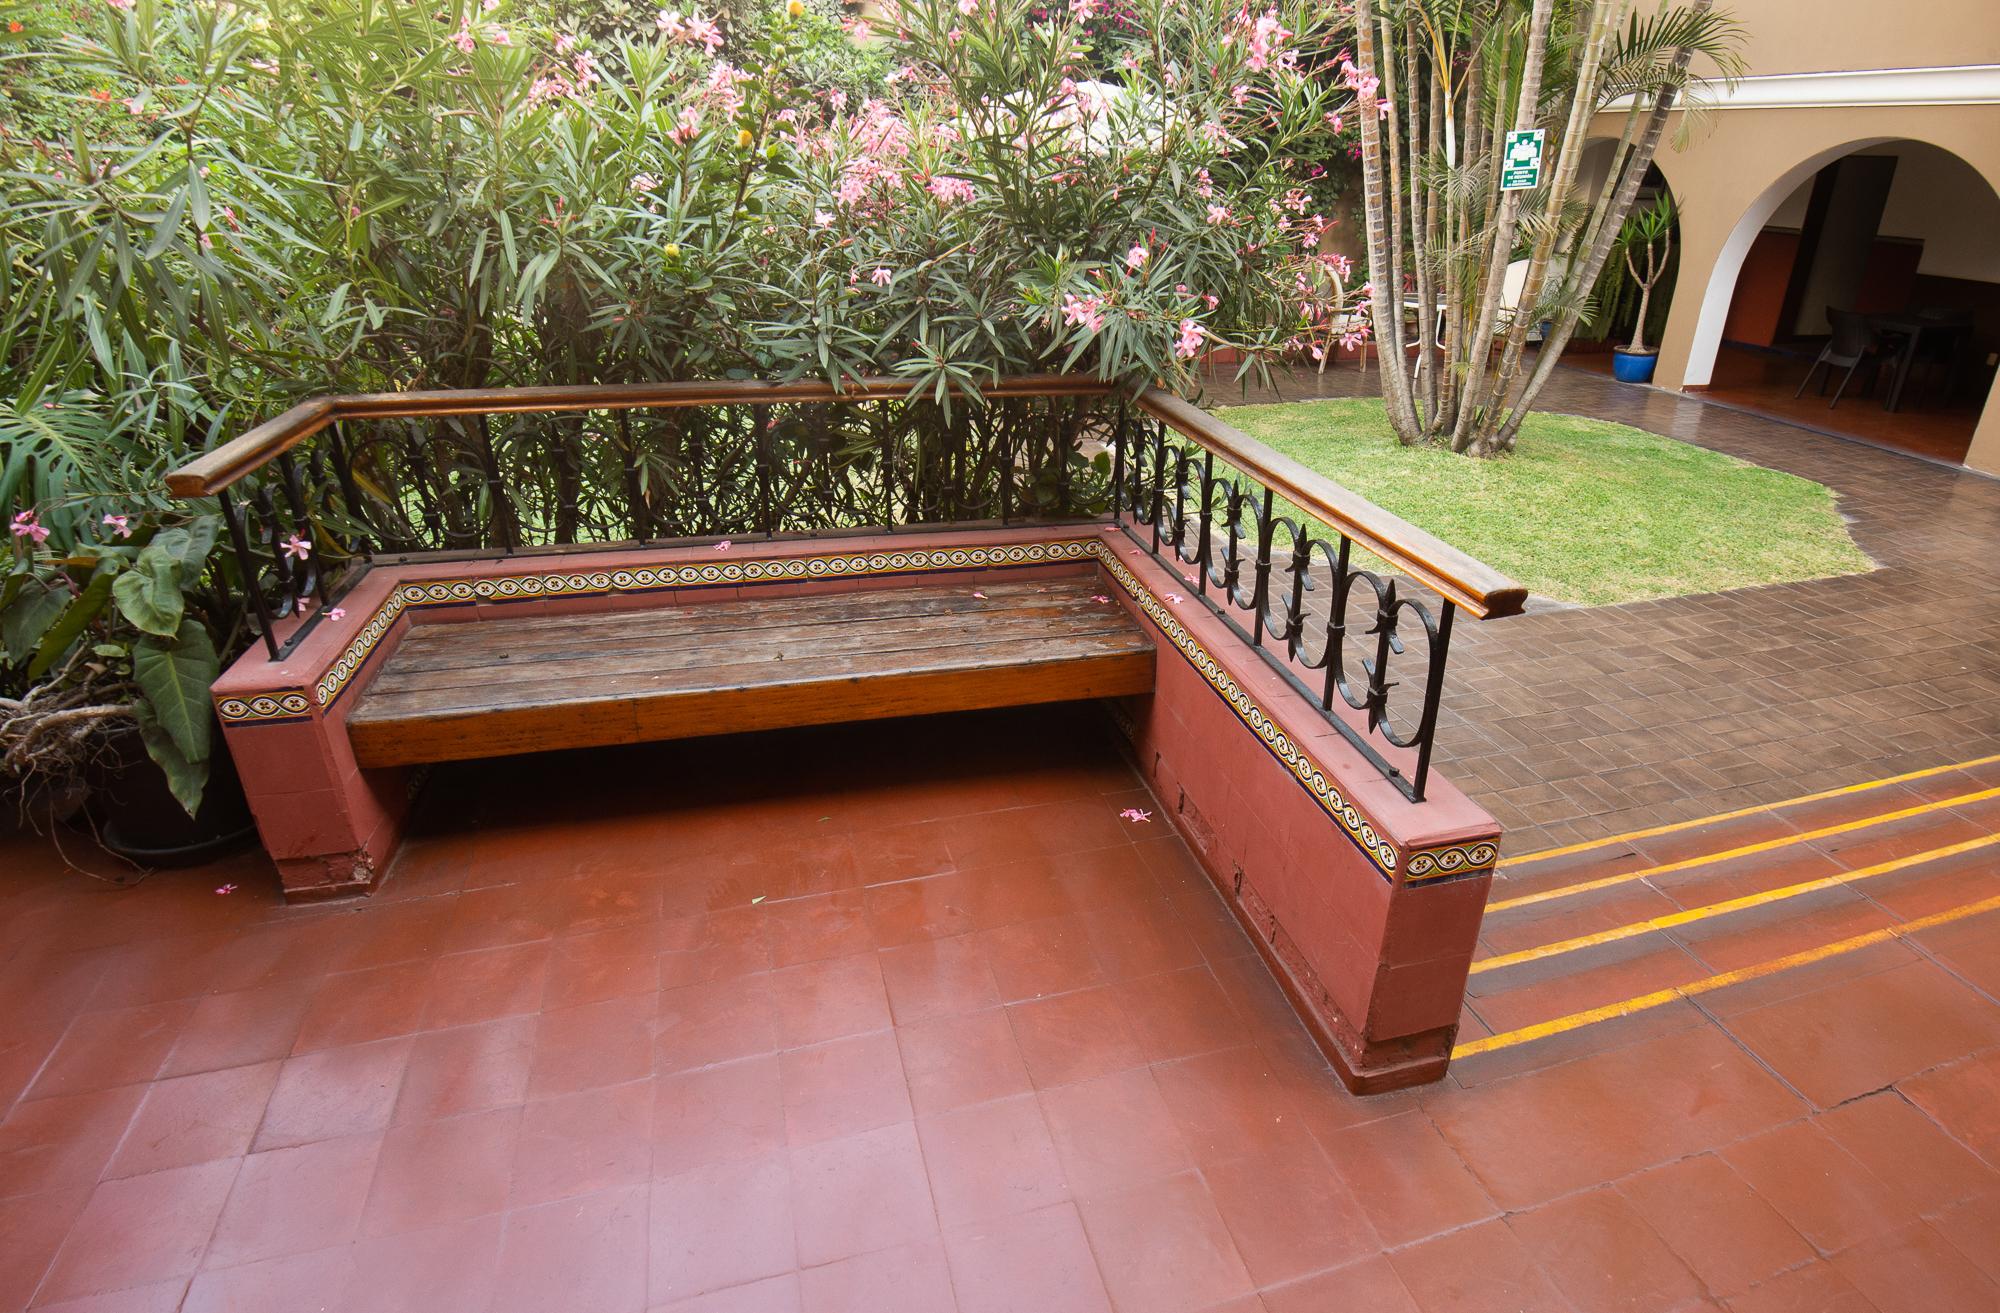 Hotel San Antonio Abad - Garden